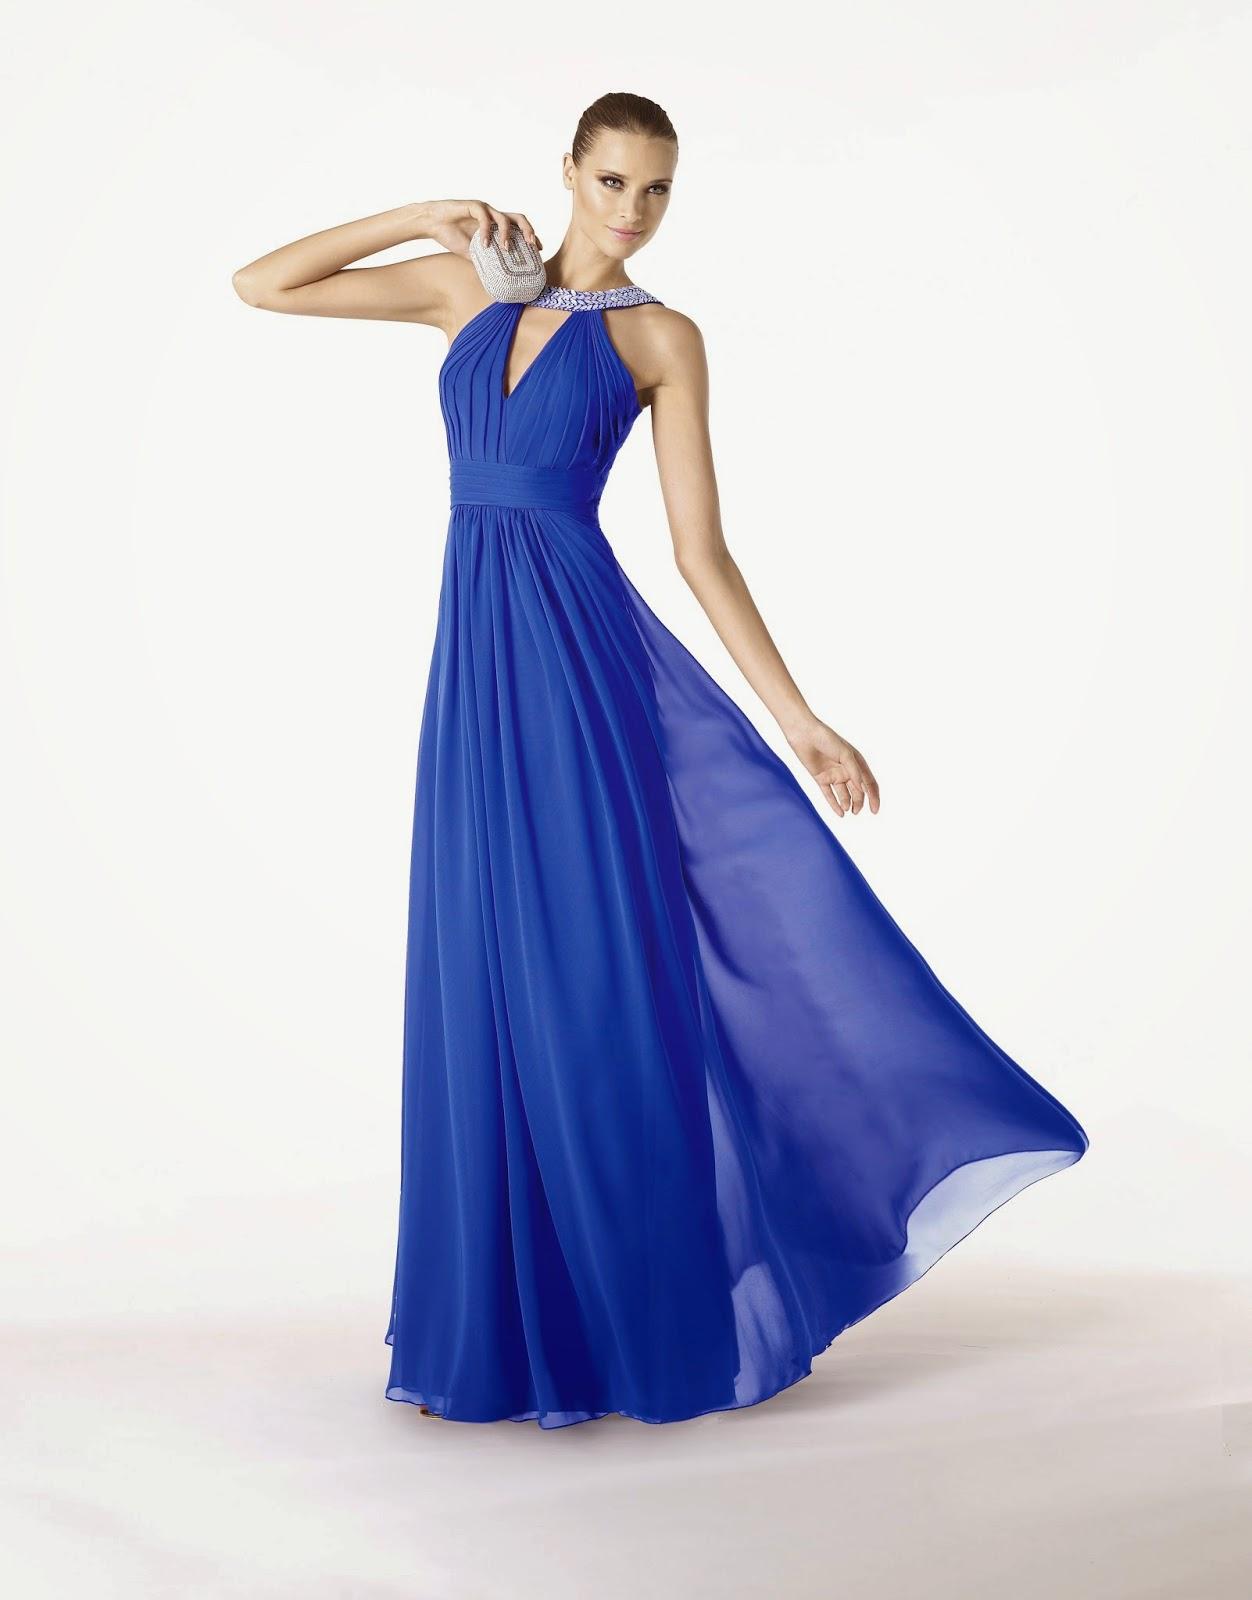 Vestidos de fiesta modernos 2014